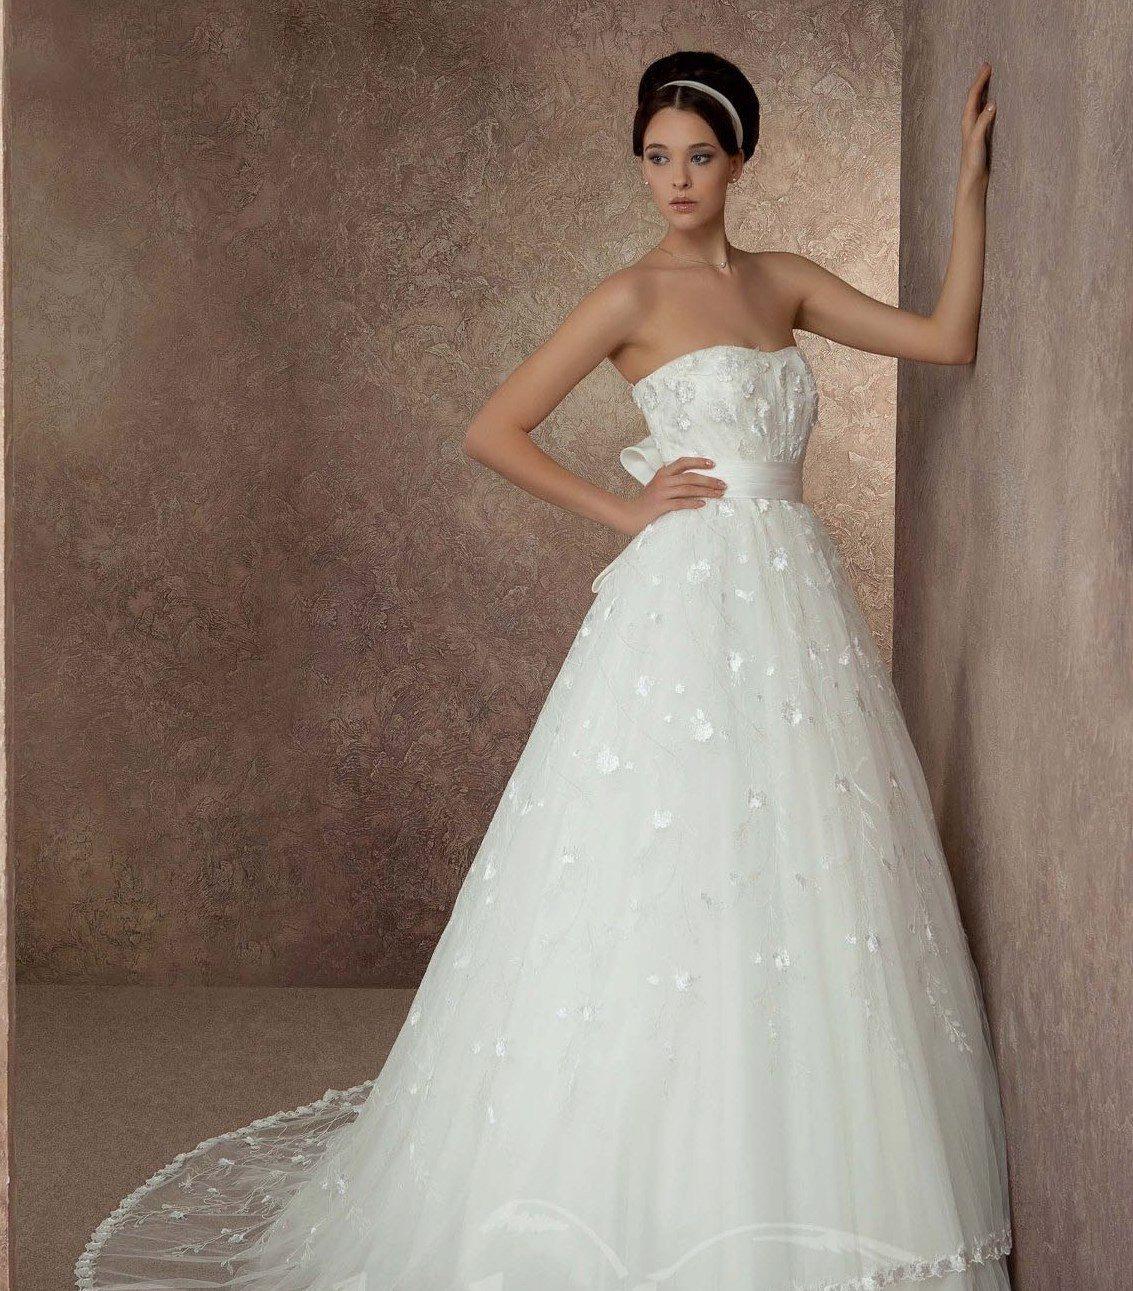 Где Купить Недорогое Свадебное Платье В Новосибирске